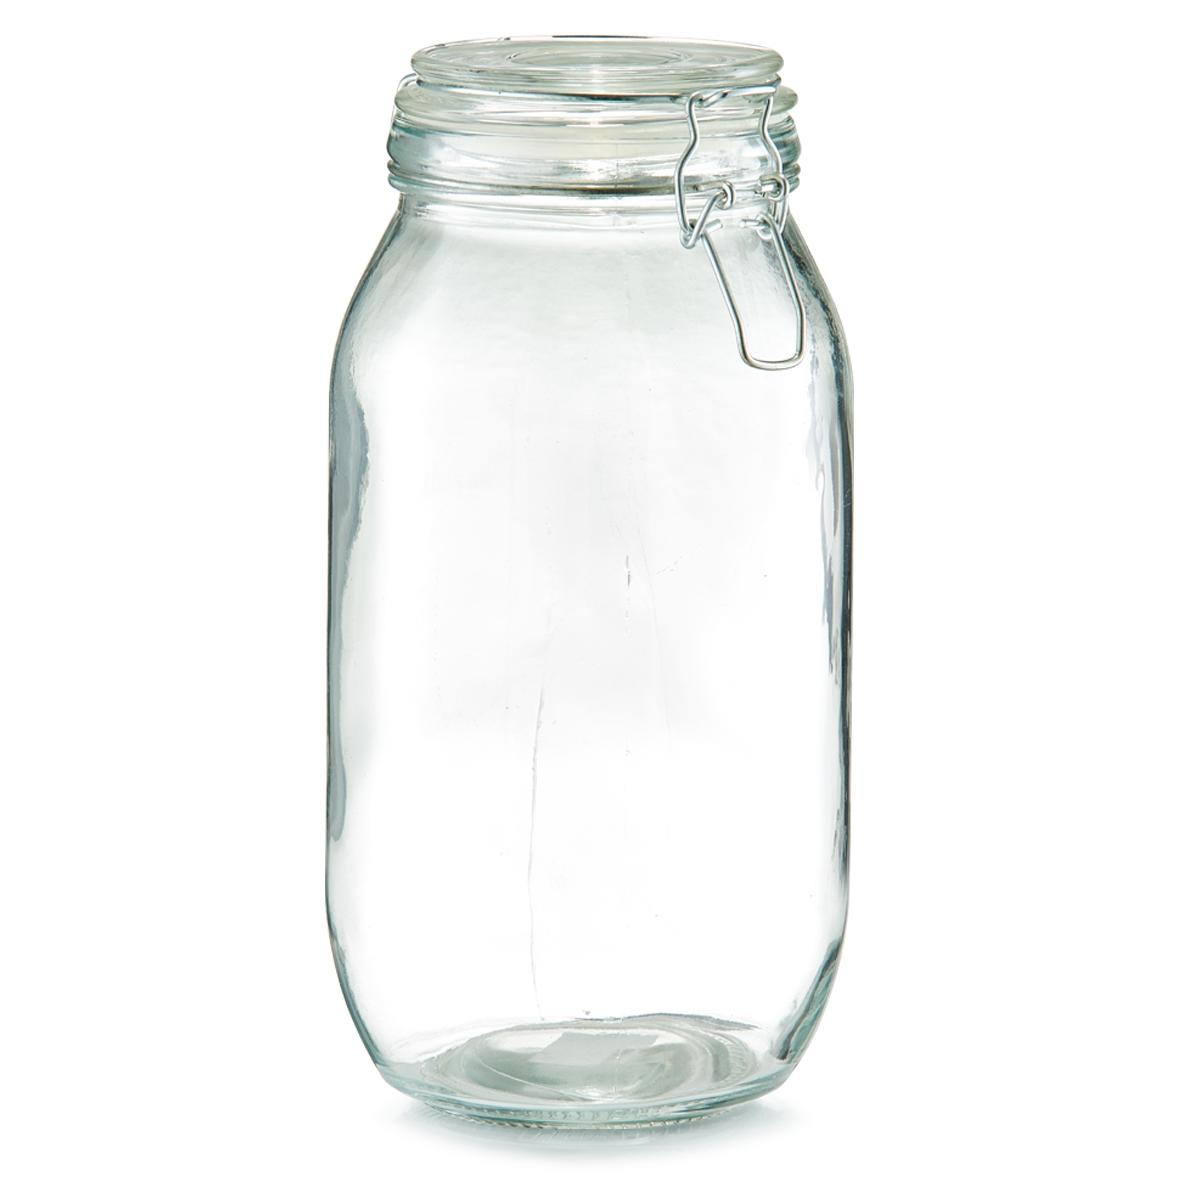 Borcan pentru depozitare cu capac, inchidere ermetica, Clip IV Glass, 2000 ml, Ø 12,6xH25,5 cm imagine